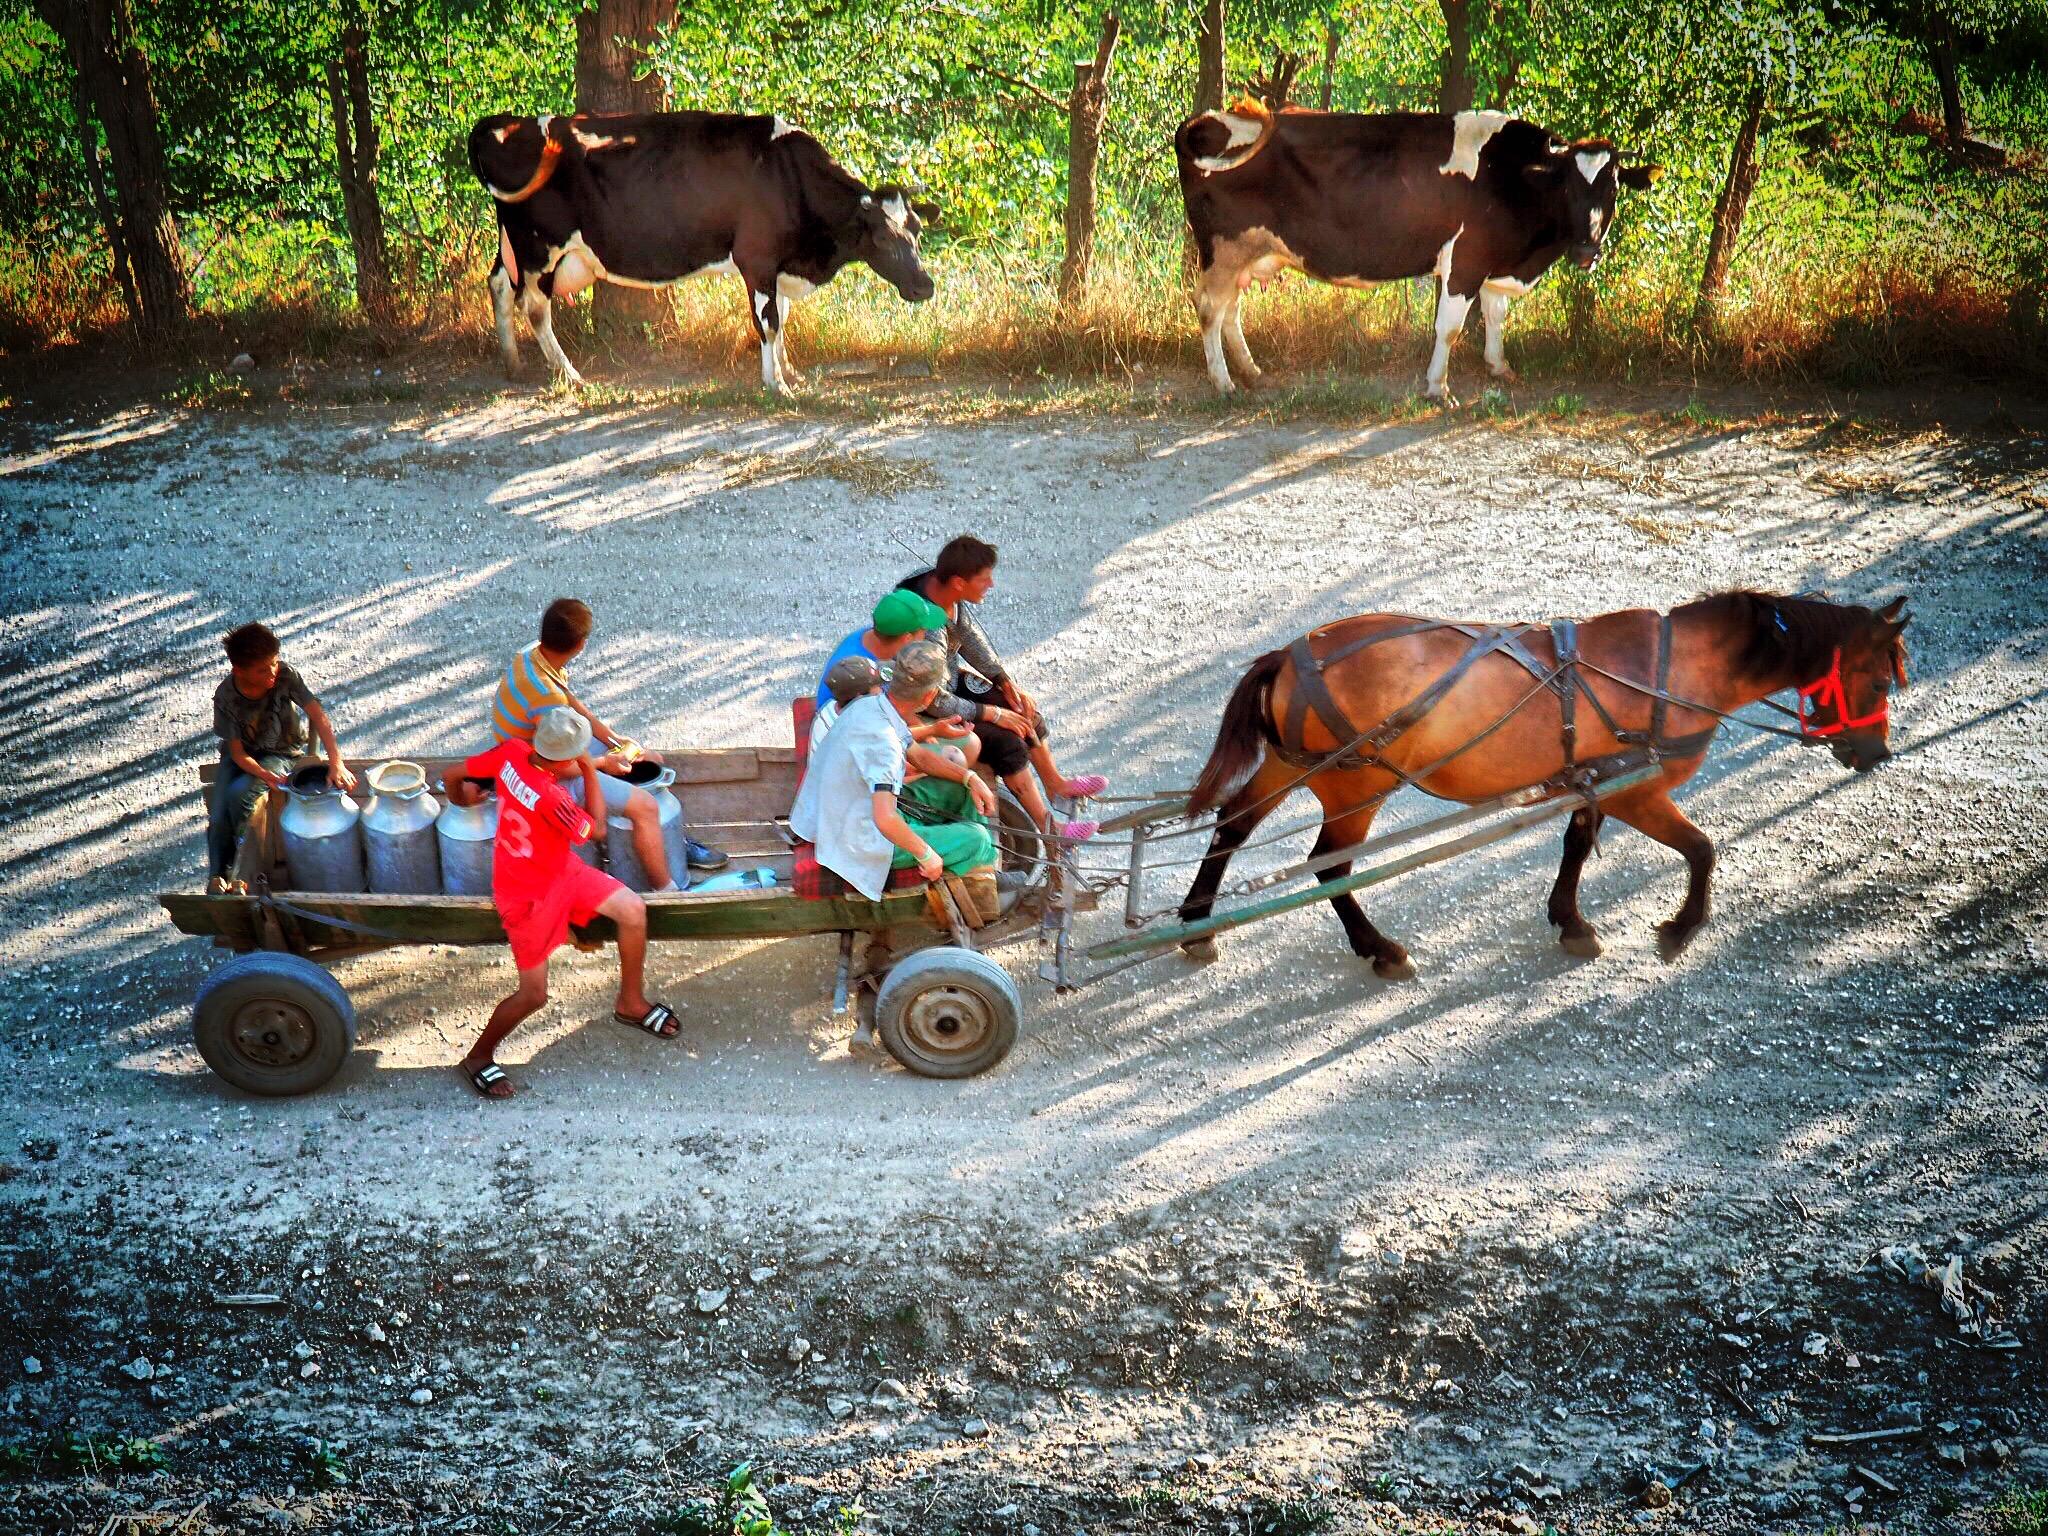 Pferdefuhrwerke sind auf dem Land häufig anzutreffen